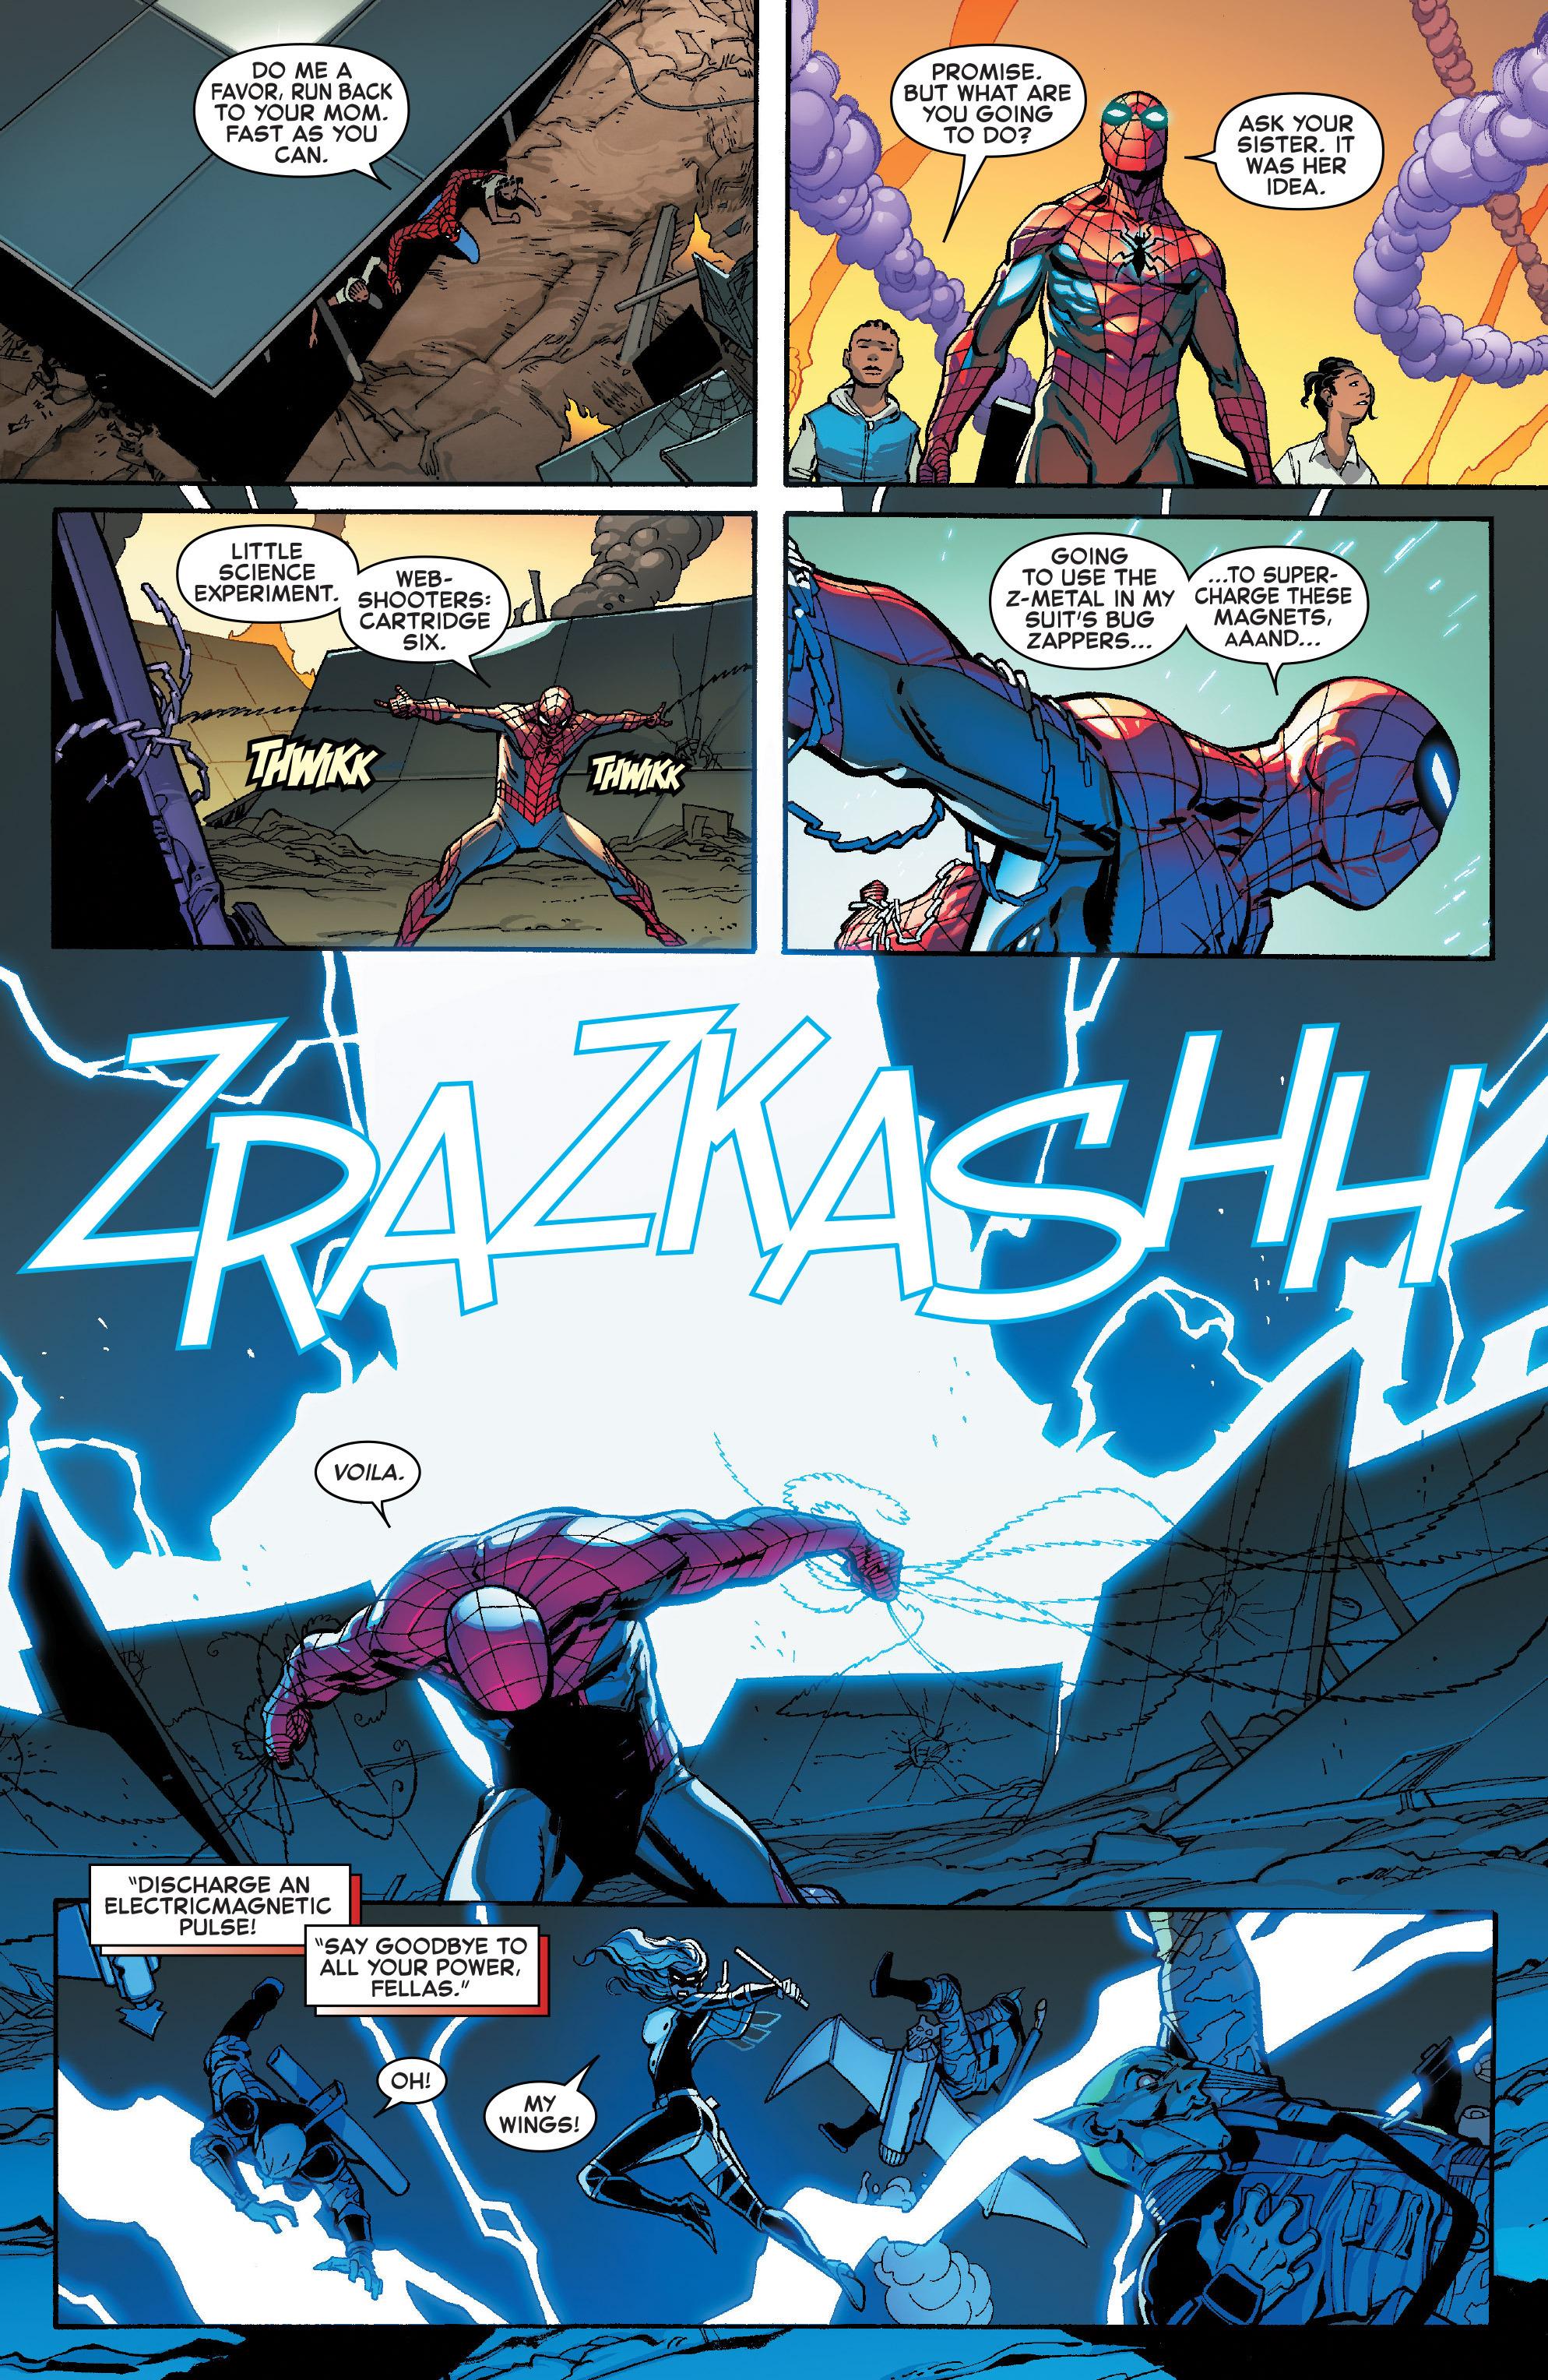 4 bộ giáp siêu khủng có thể giúp sức mạnh của Người Nhện tăng lên như hổ mọc thêm cánh trong Spider-Man Far From Home - Ảnh 25.